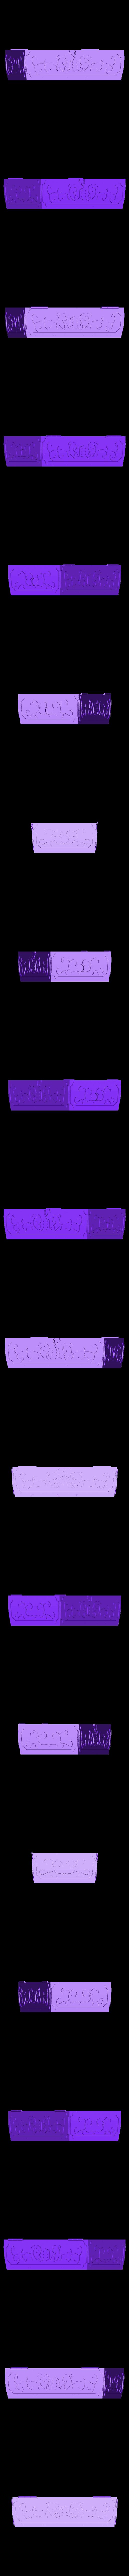 Tapion's Music Box - Box.stl Télécharger fichier STL Tapion Music Box - Dragon Ball • Plan pour impression 3D, BODY3D